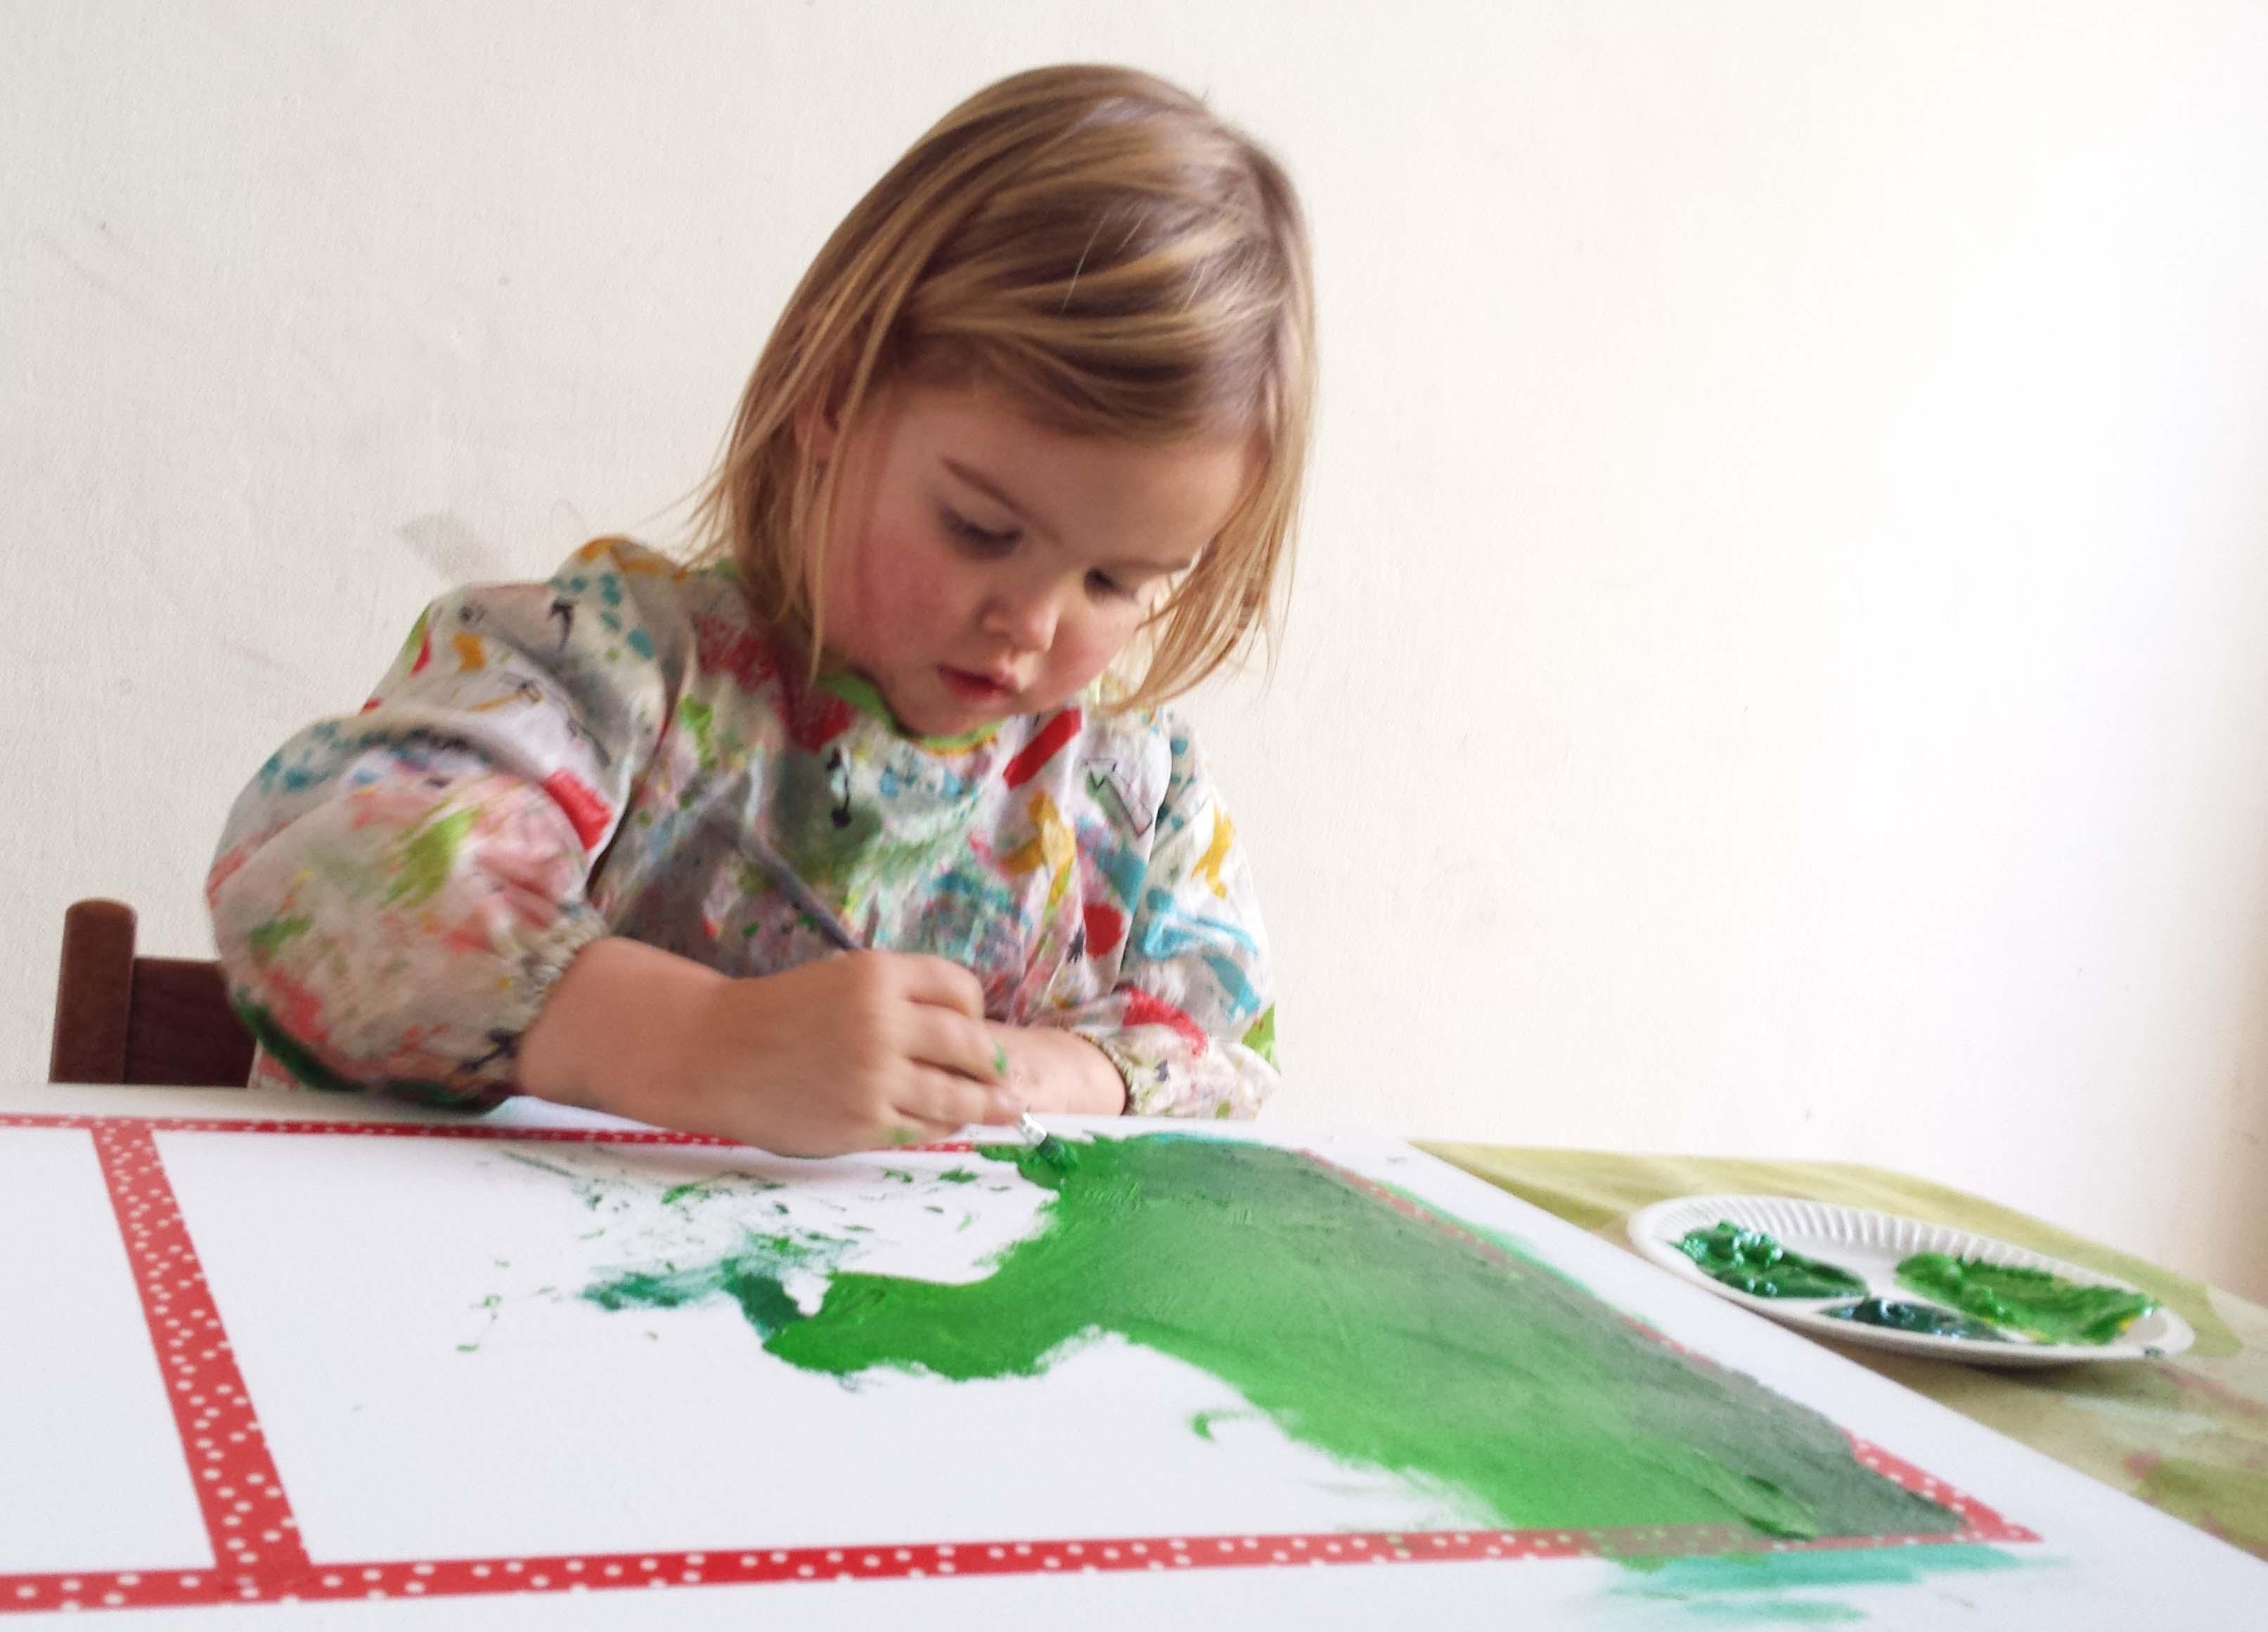 imme schilderij maken